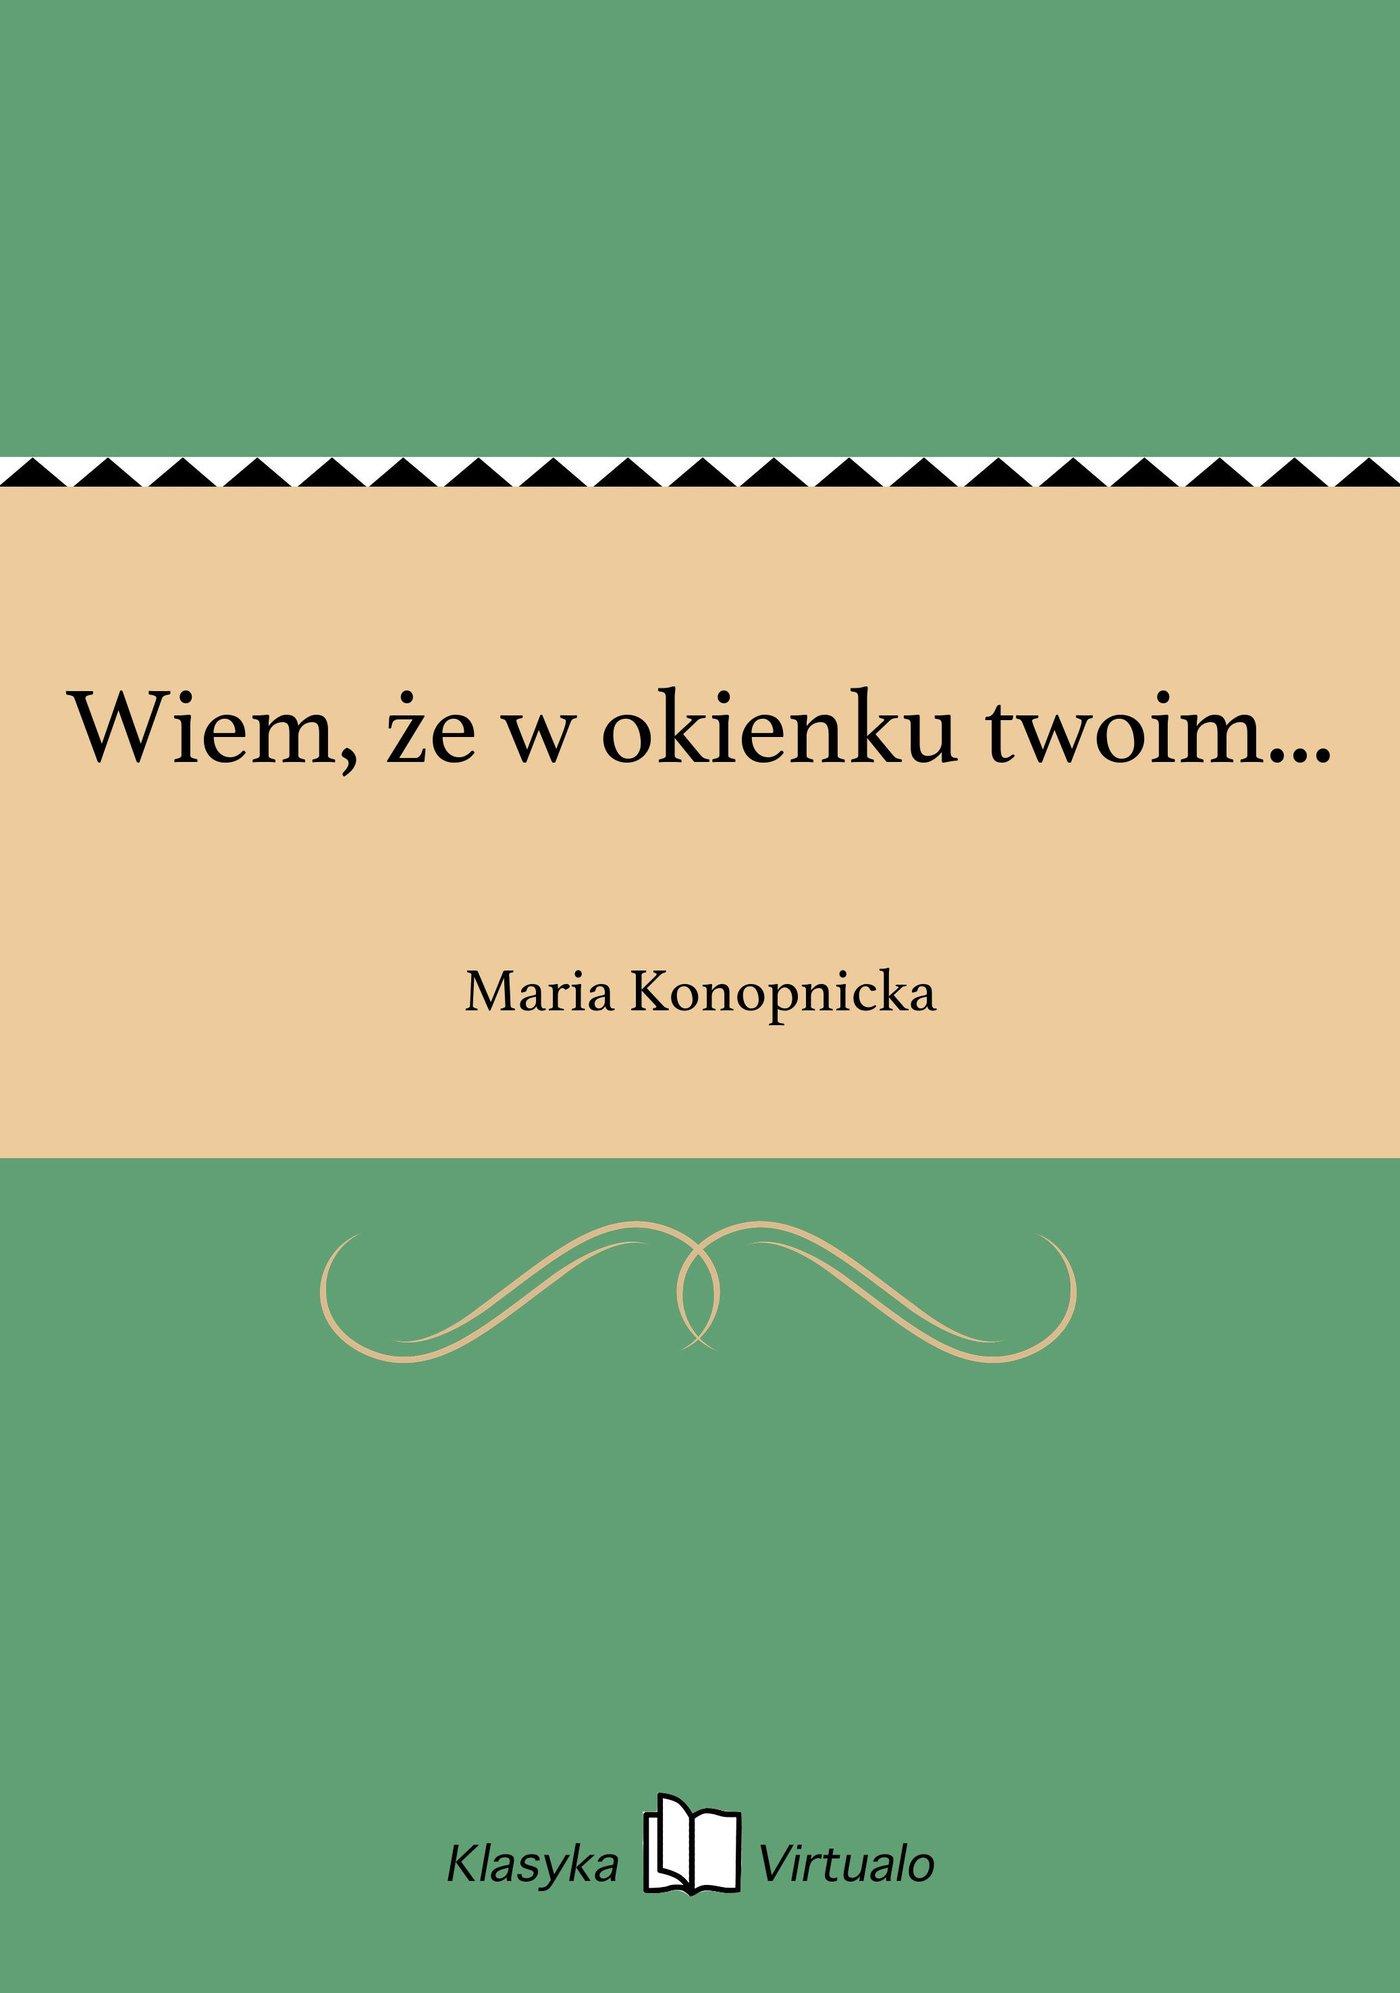 Wiem, że w okienku twoim... - Ebook (Książka na Kindle) do pobrania w formacie MOBI